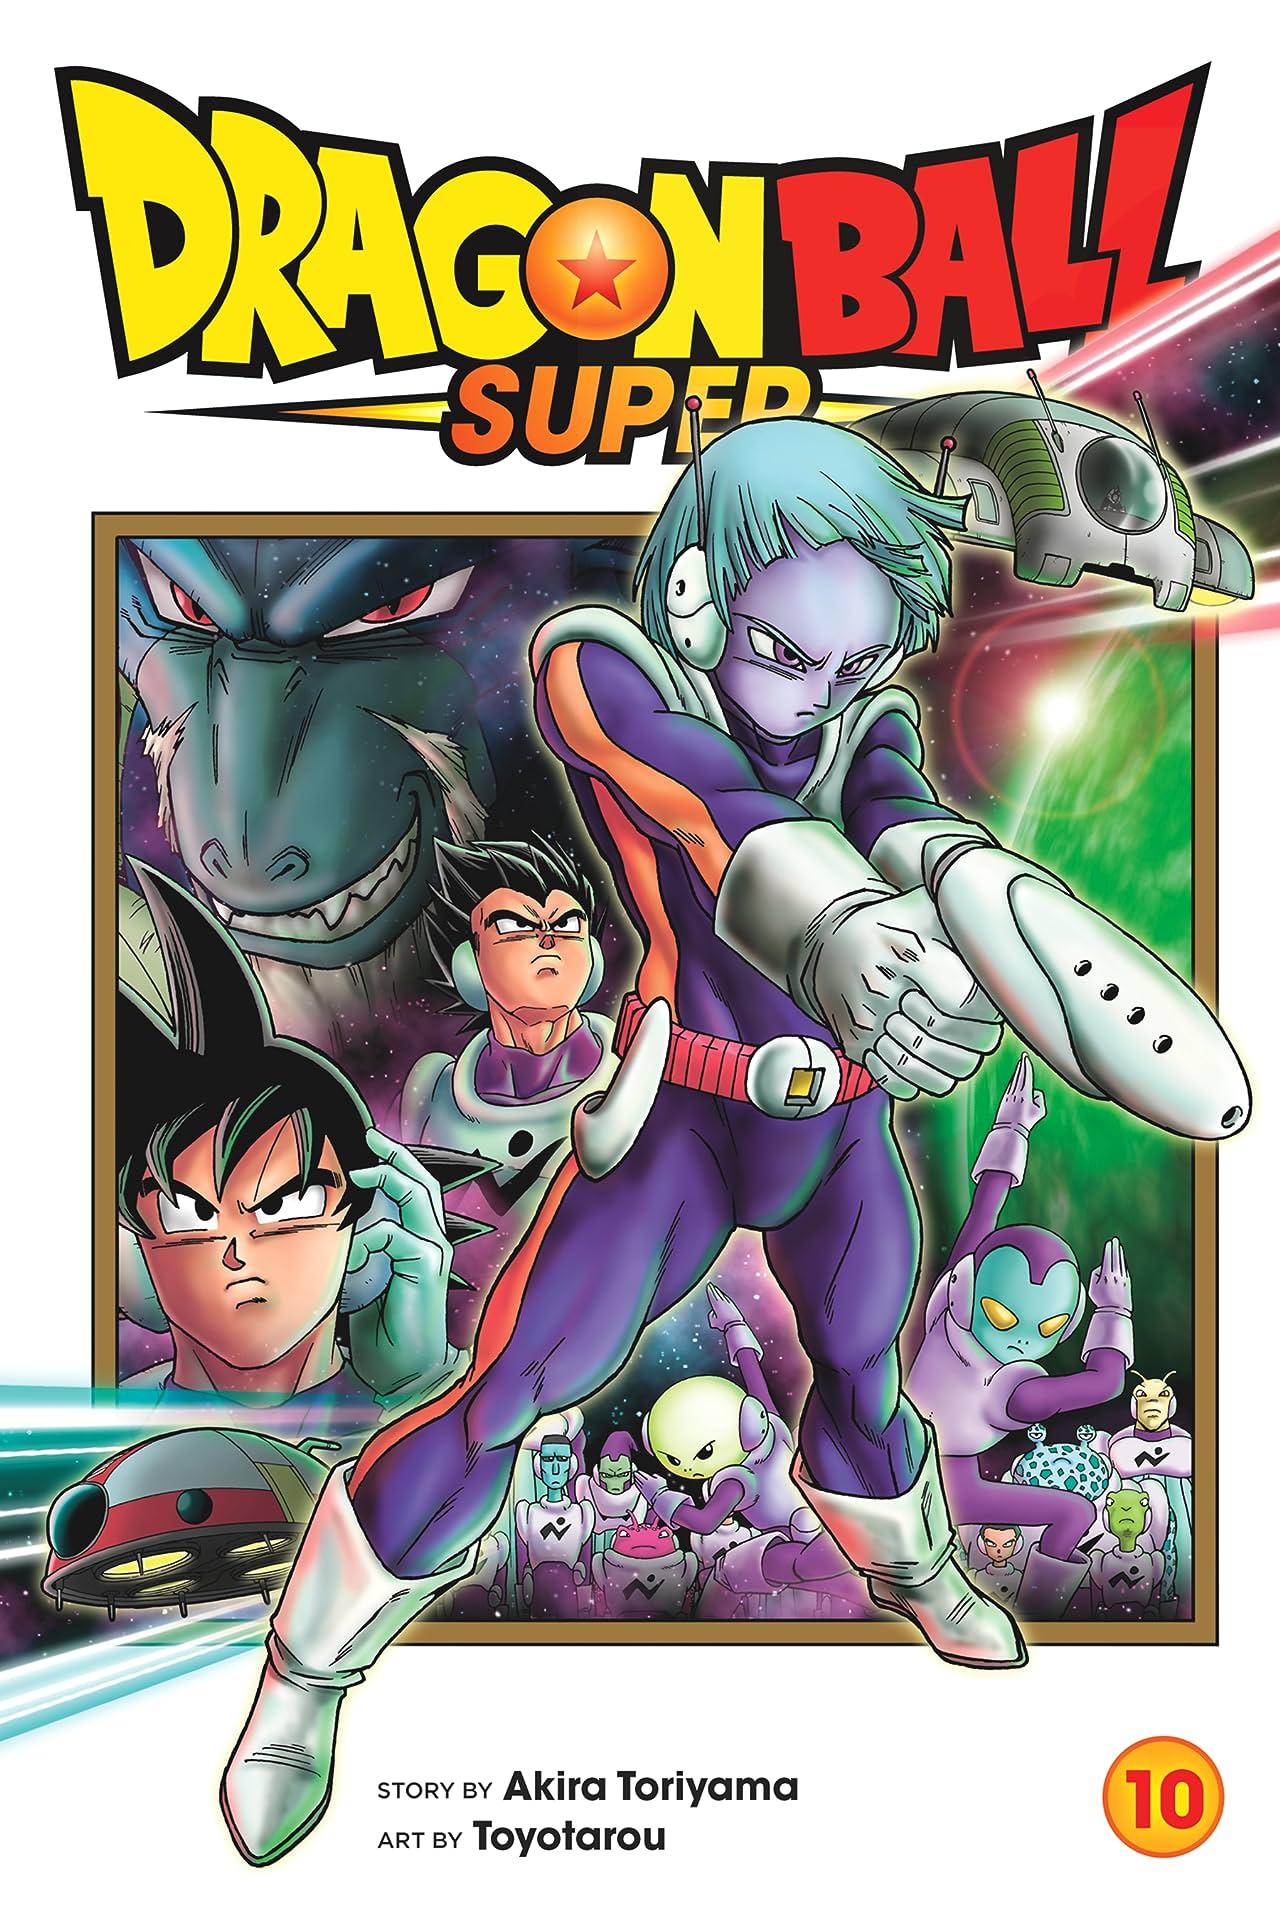 Dragon Ball Super Vol. 10: Moro's Wish